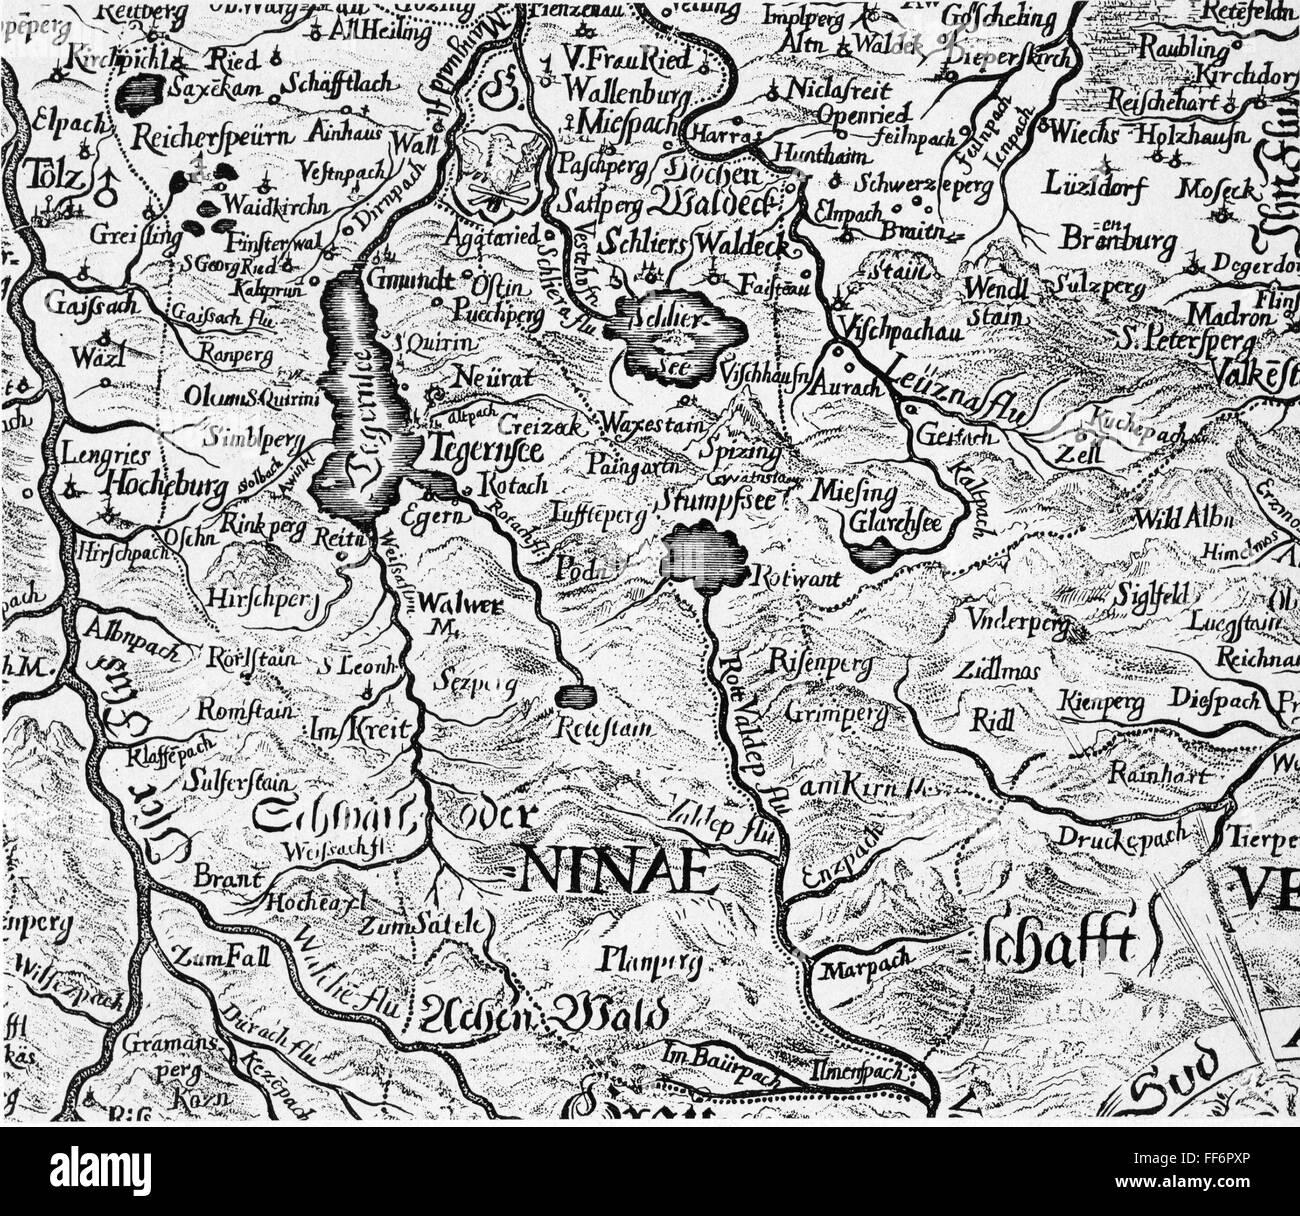 Karte Oberbayern.Kartographie Map Deutschland Im Bayerischen Oberland Kupferstich